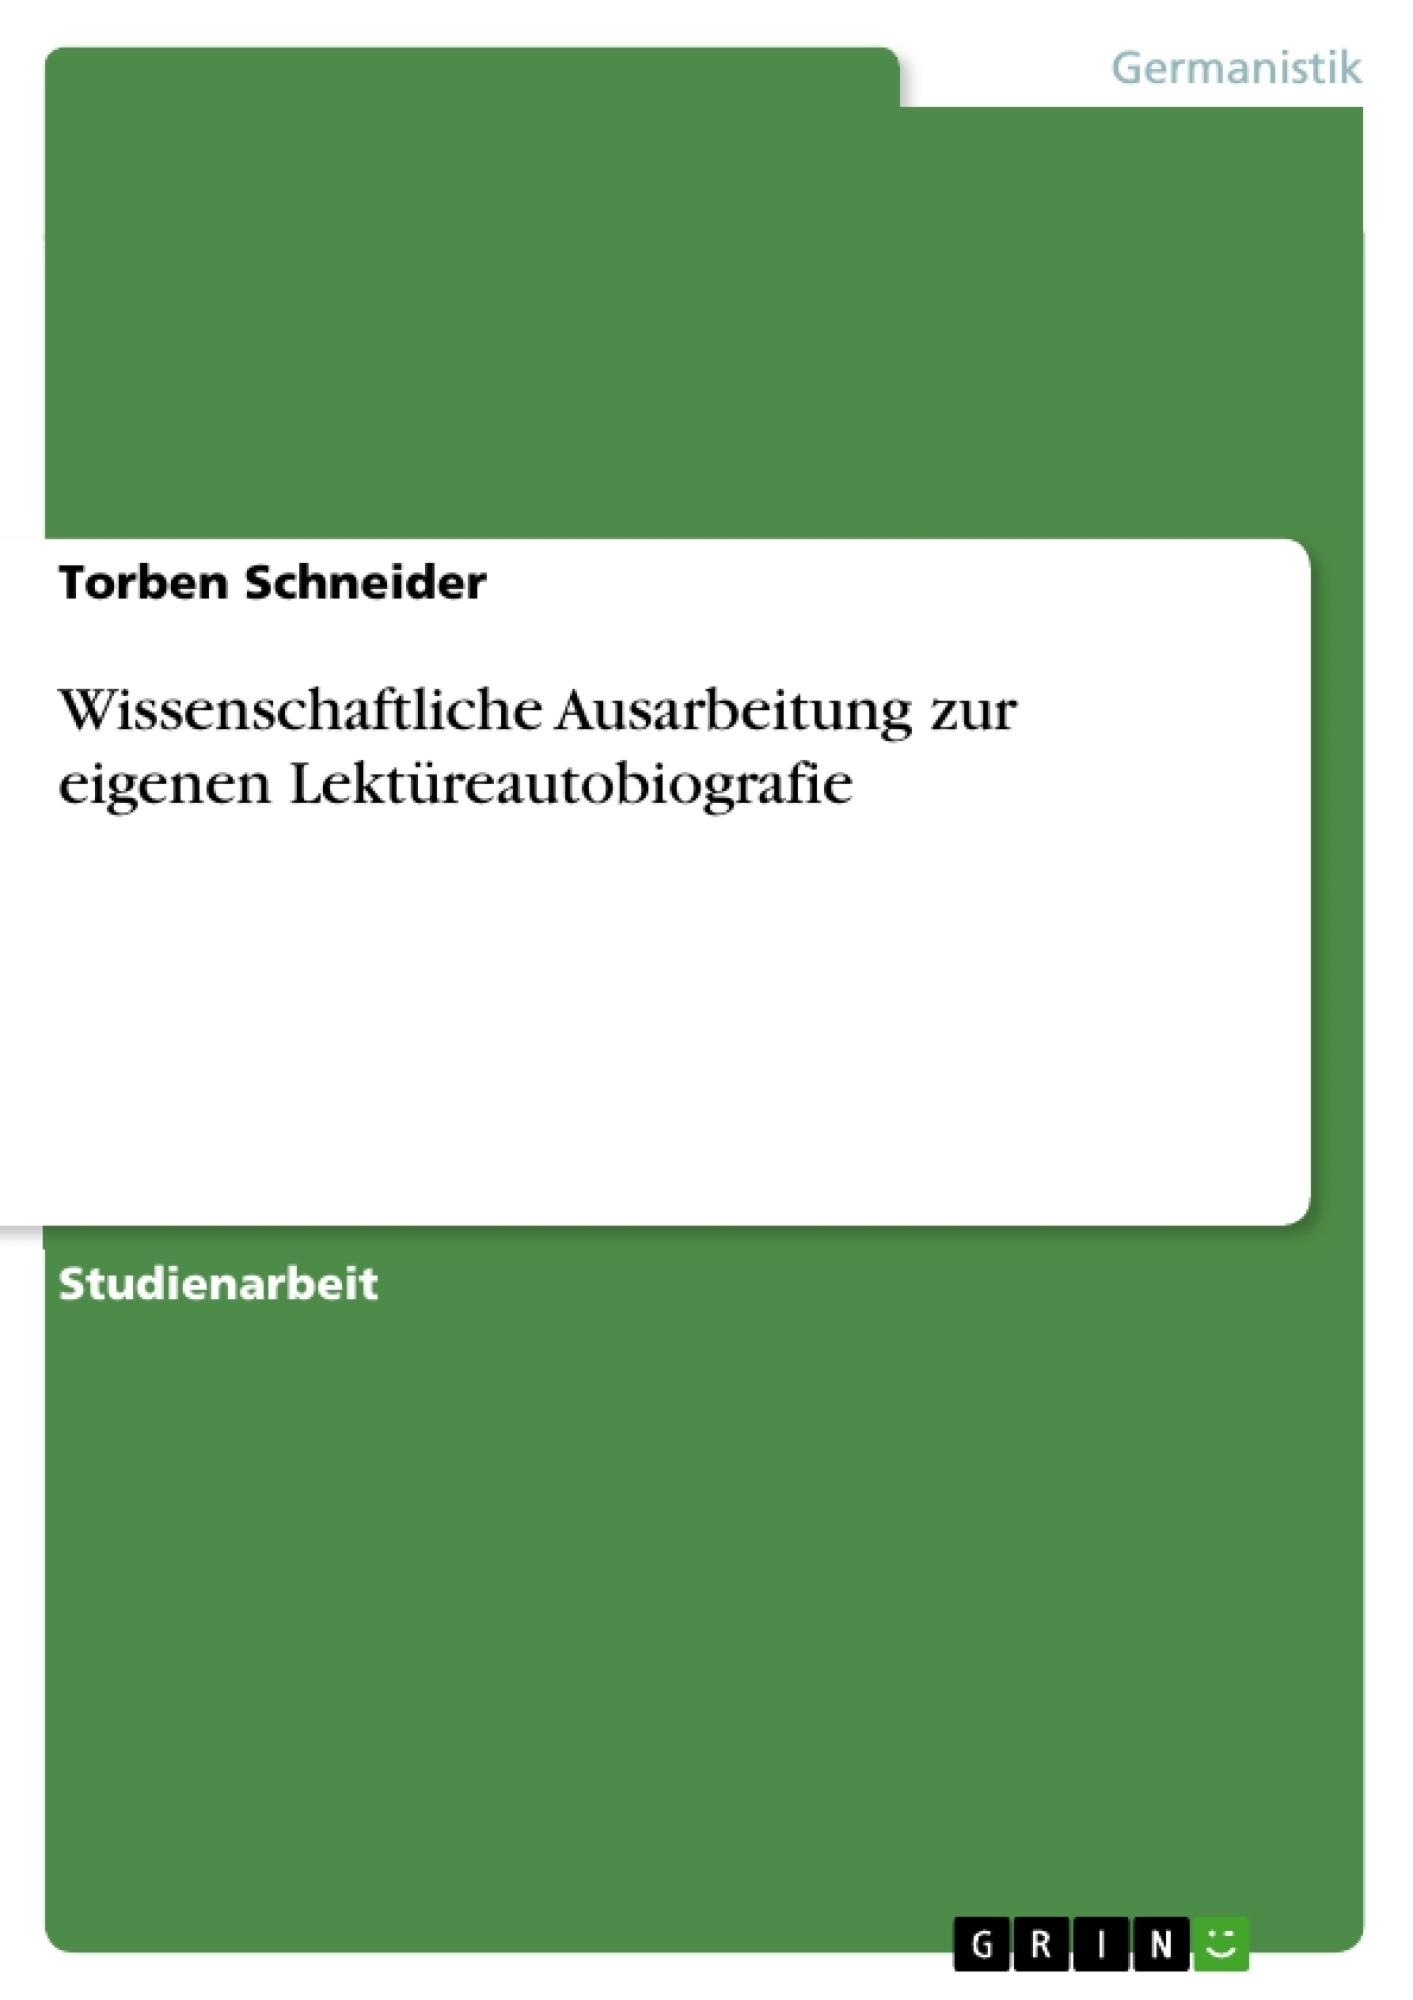 Titel: Wissenschaftliche Ausarbeitung zur eigenen Lektüreautobiografie